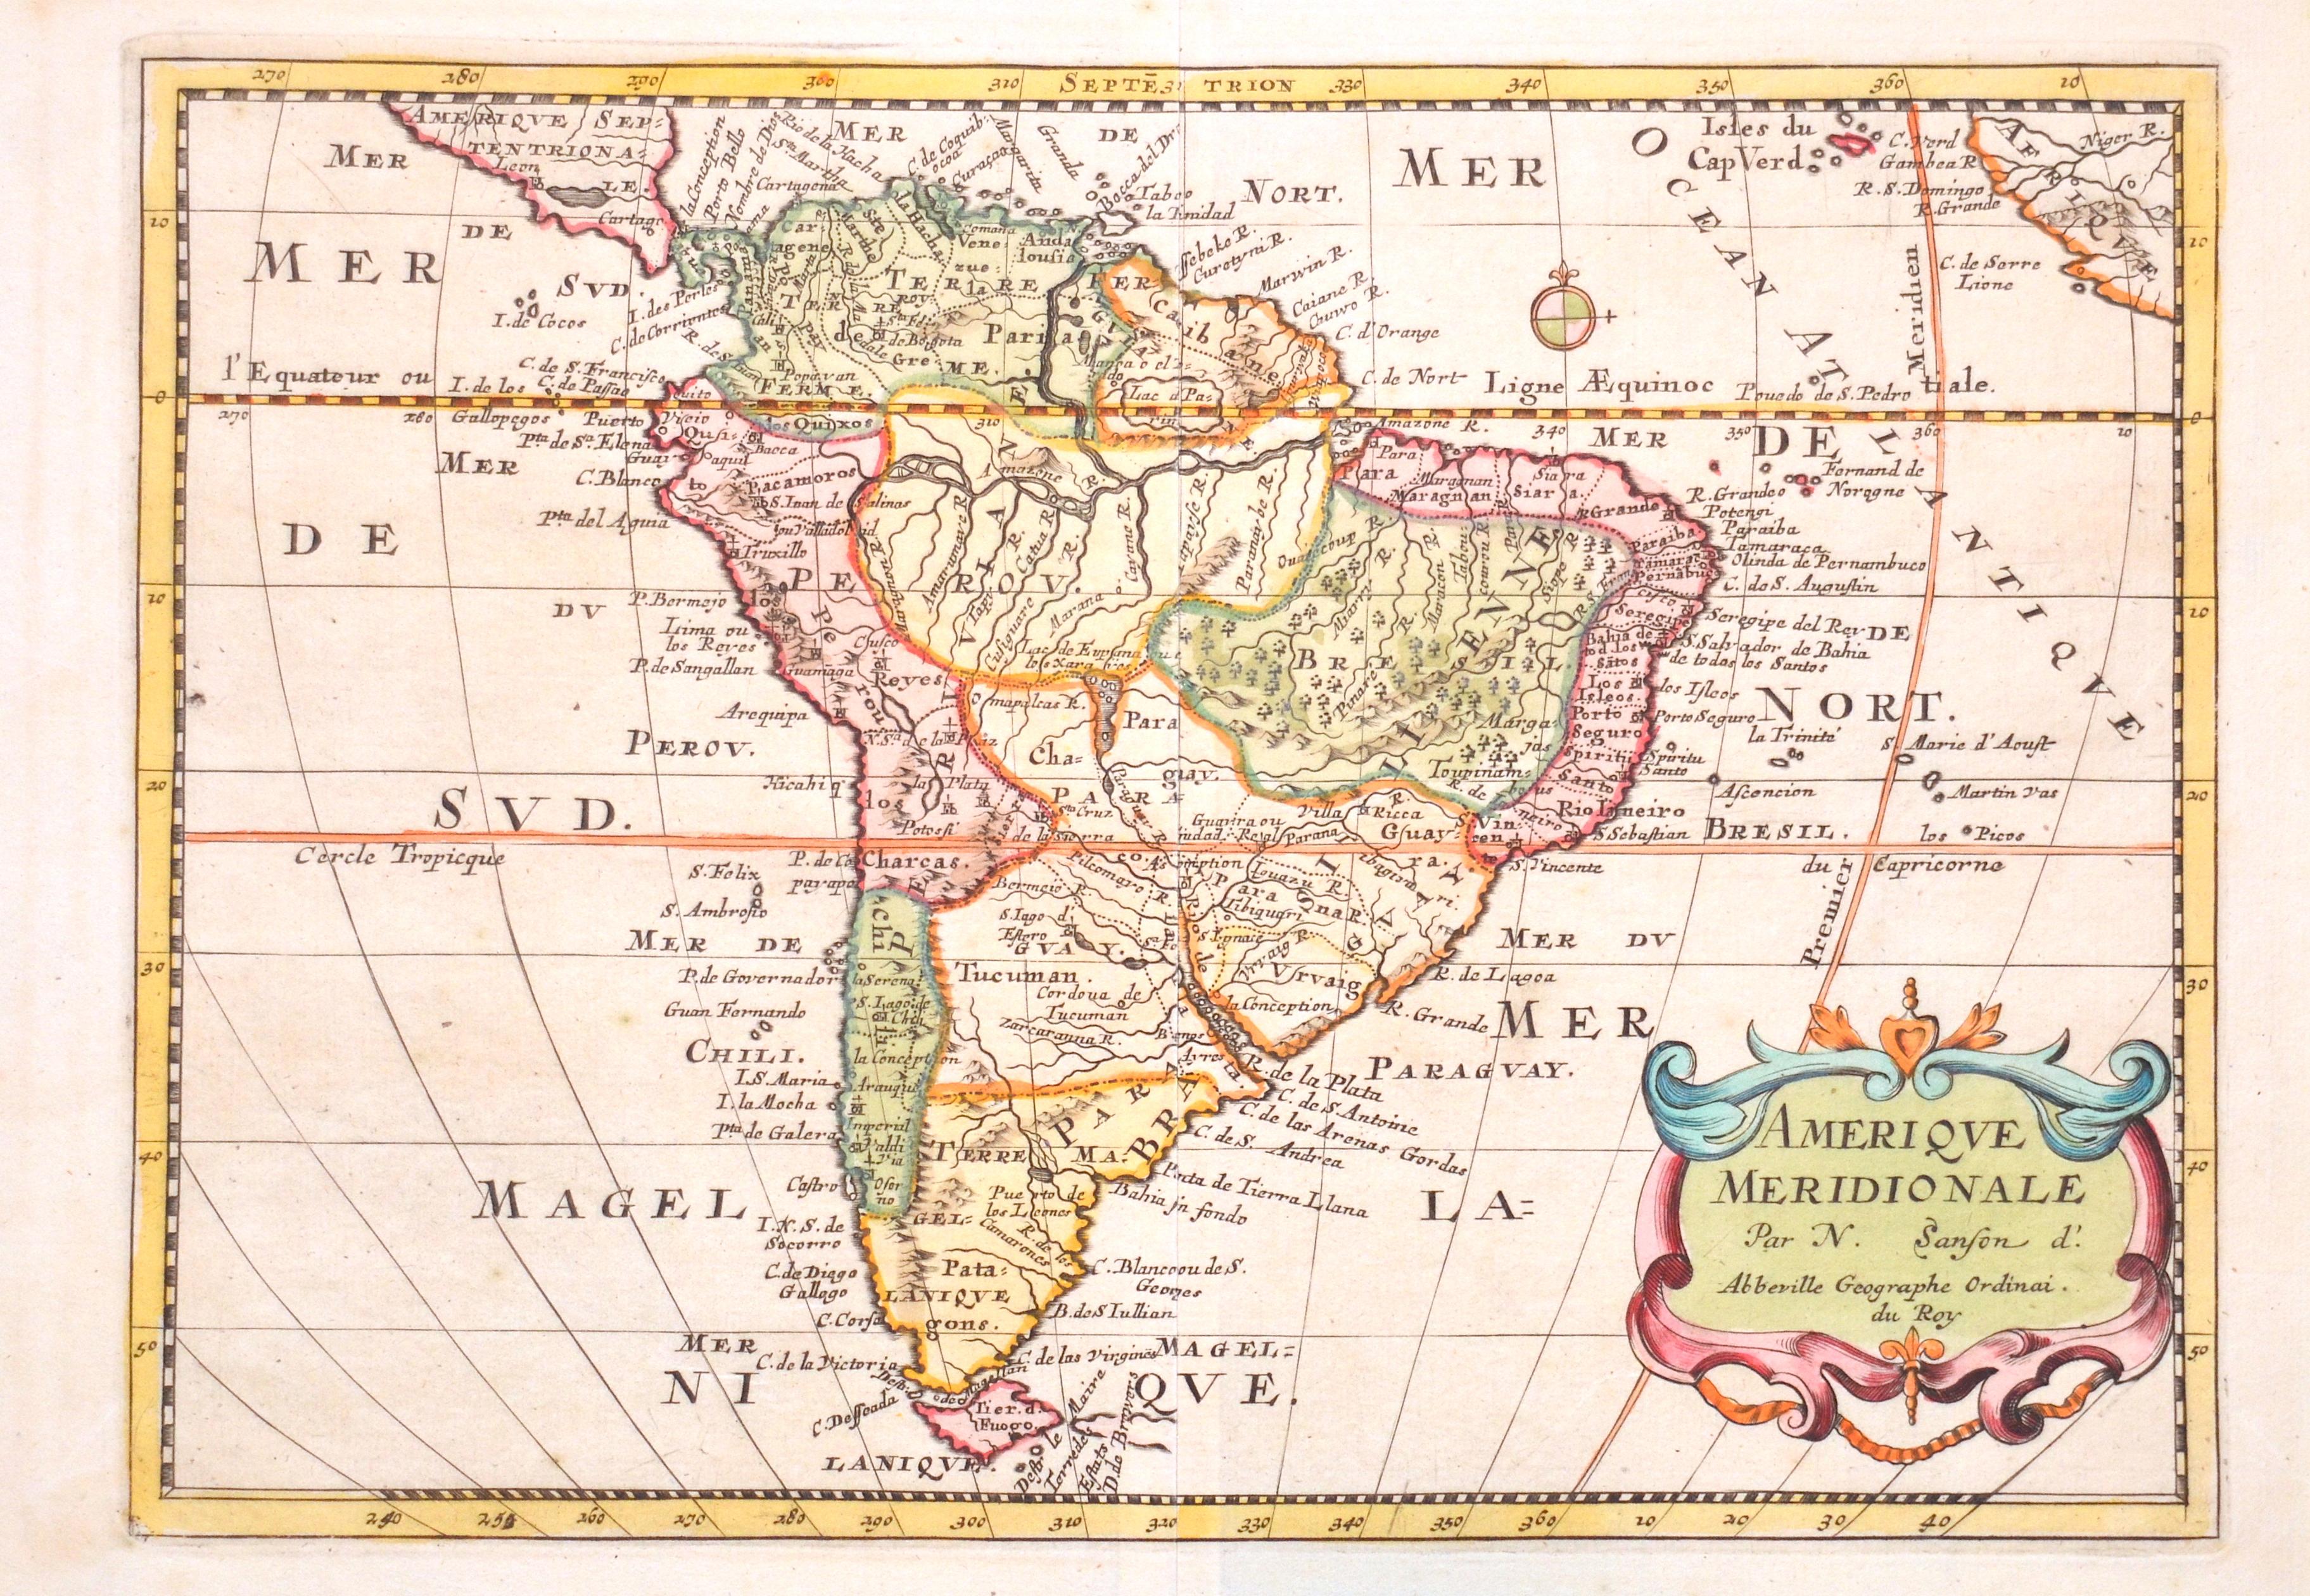 Sanson Nicolas Amerique Meridionale